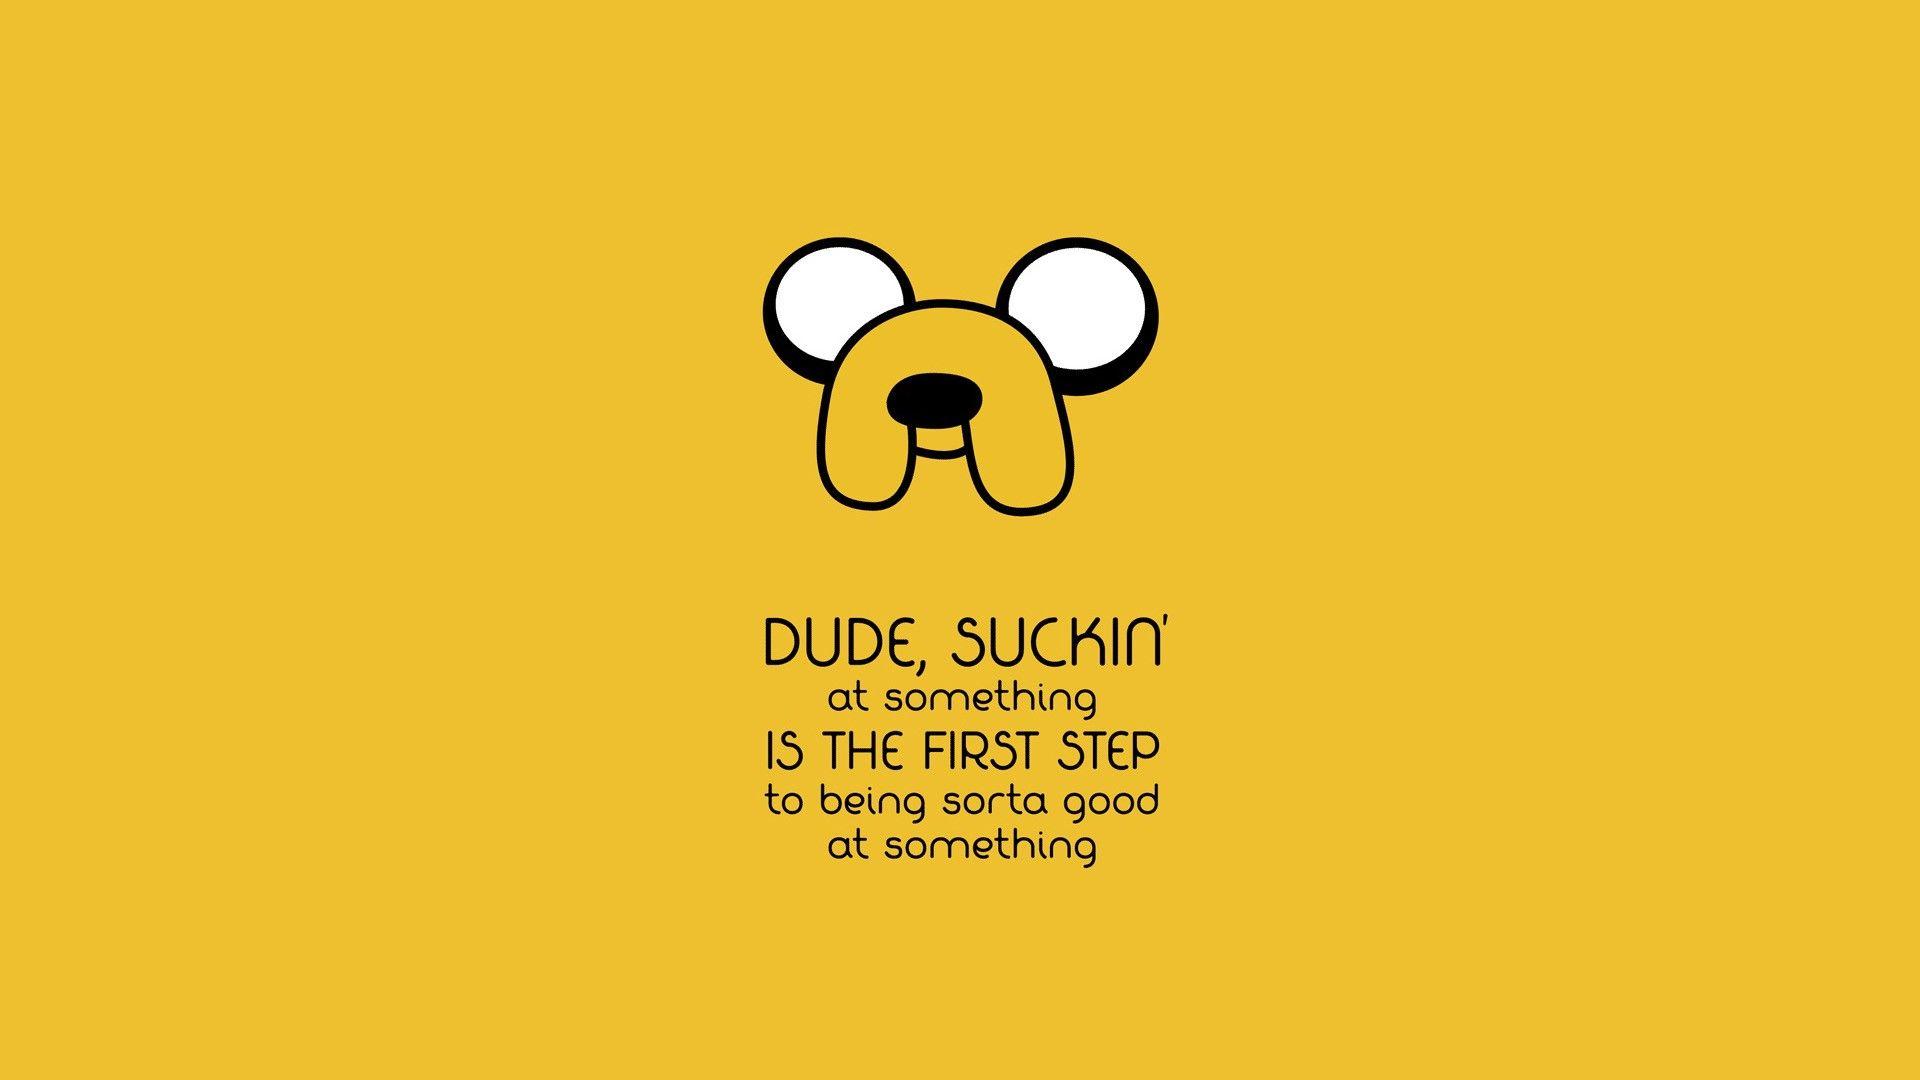 Jake Adventure Time Movies Shows Desktop Wallpapers Cartoon Motivational Papel De Parede Pc Papeis De Parede Tumblr Arte Em Pintura